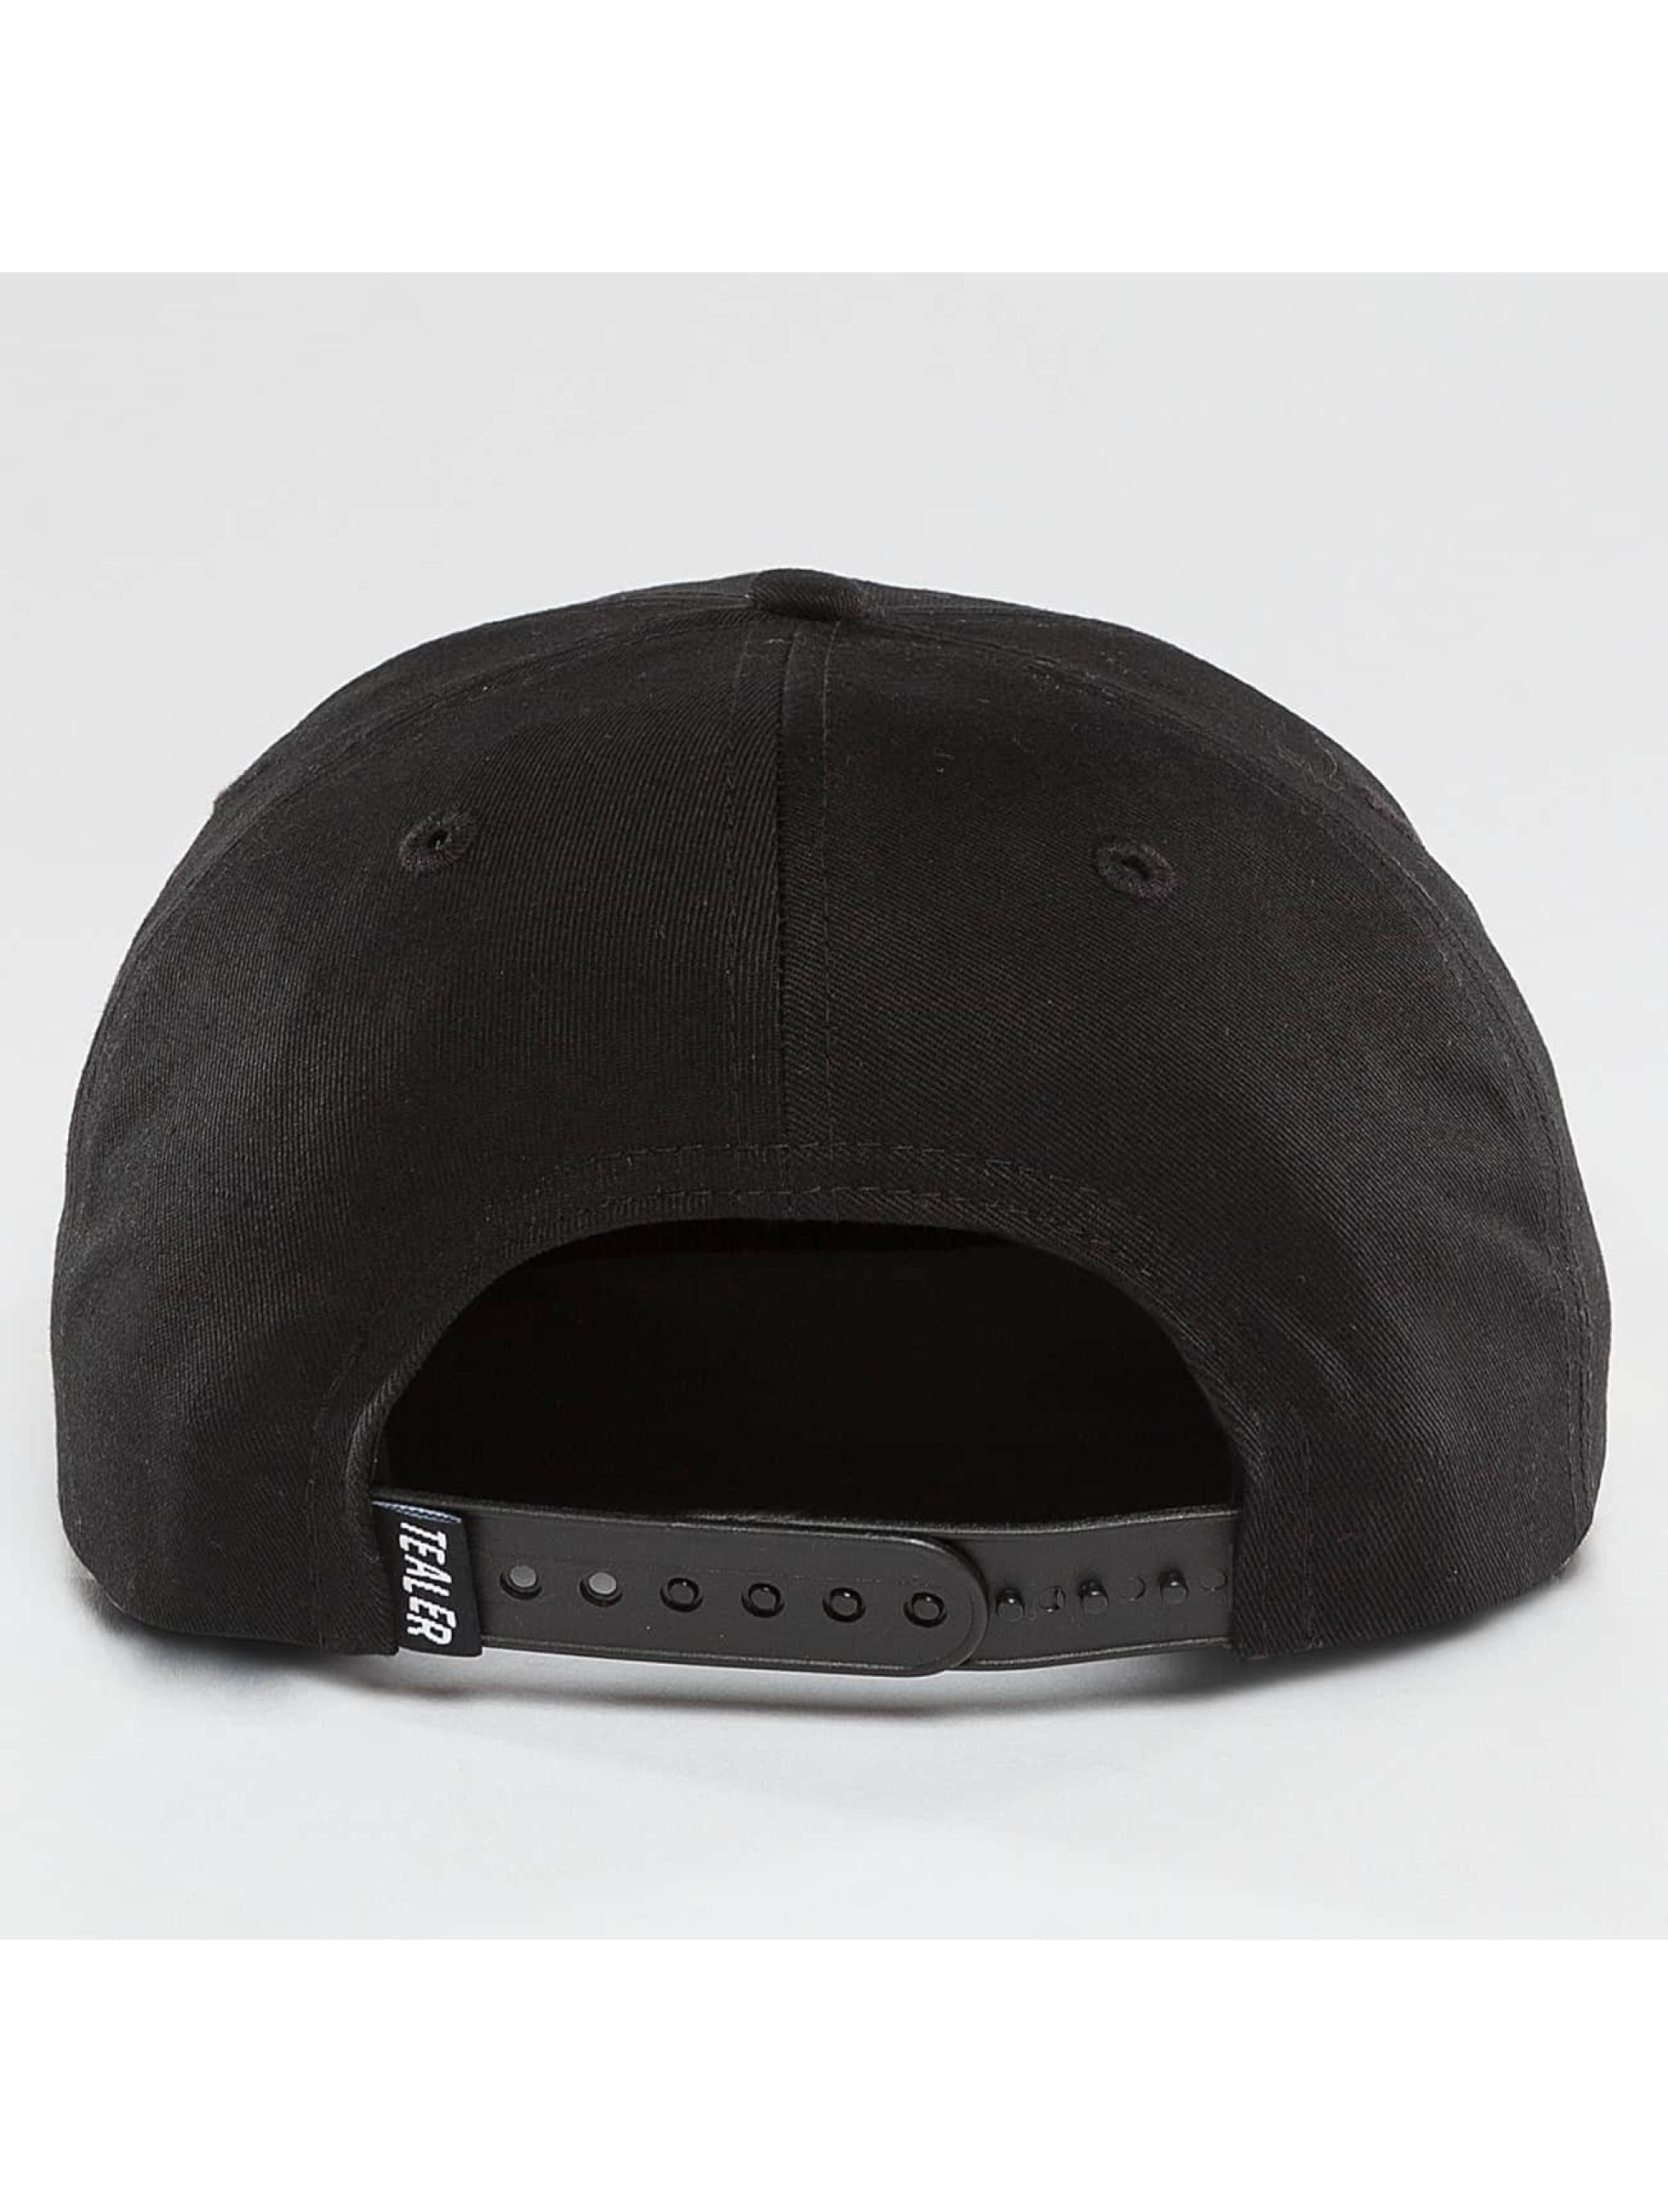 Tealer Snapback Caps Independent sort